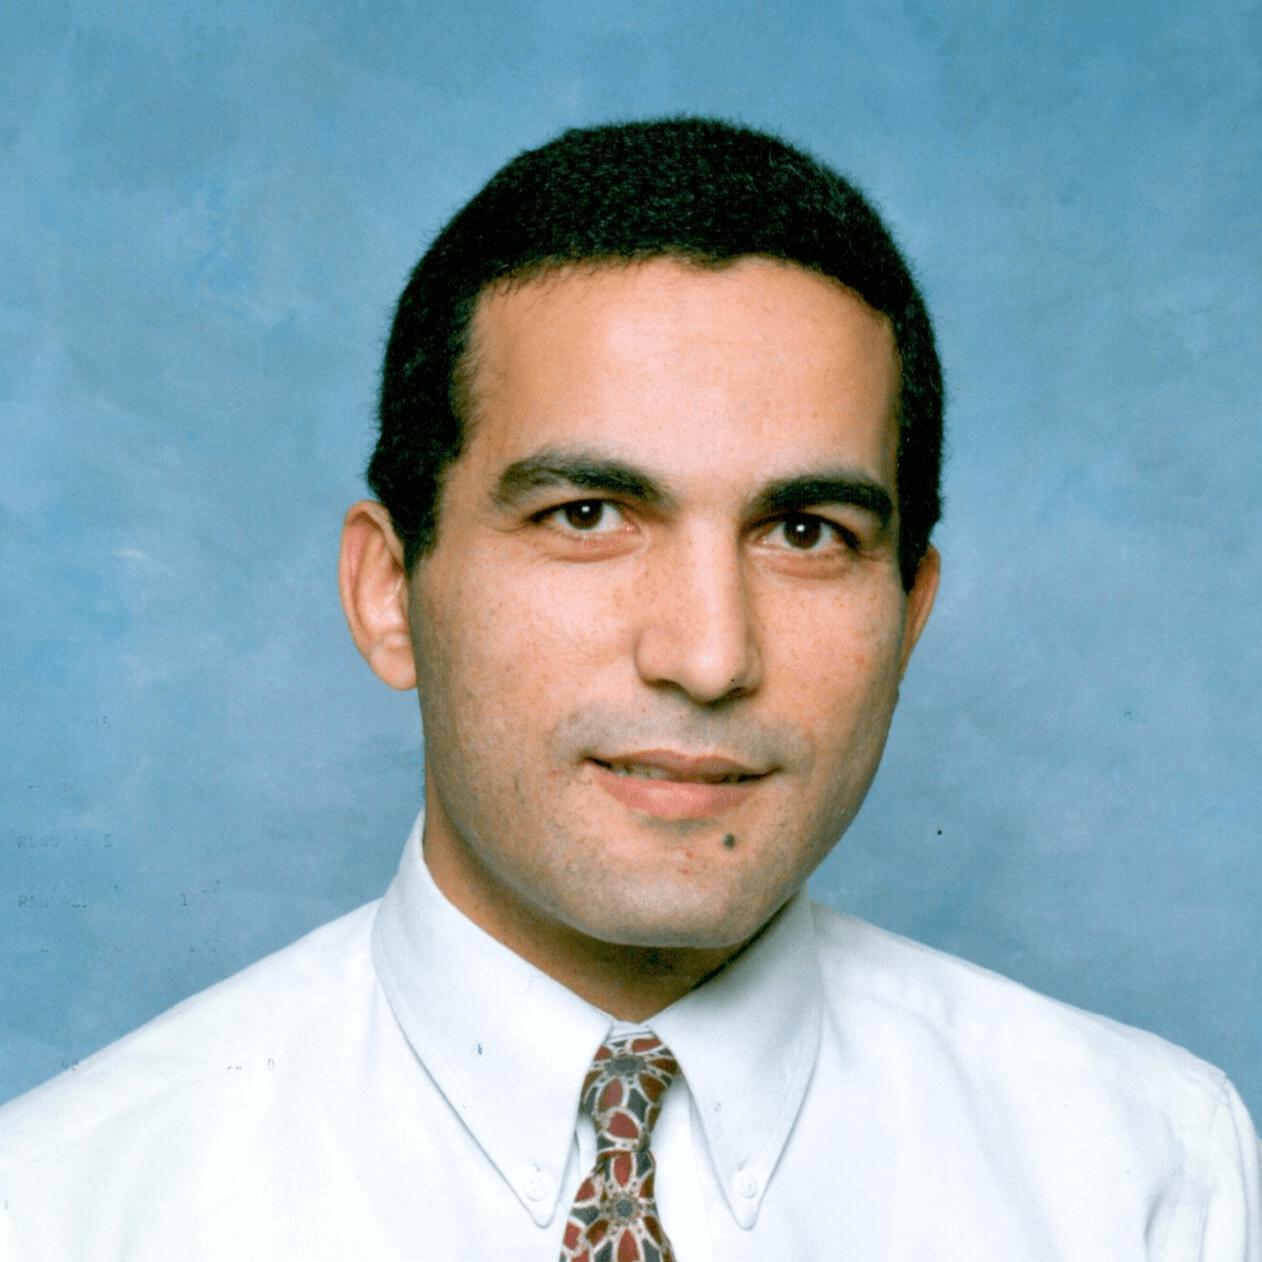 Dr. Sameh M. Kassem